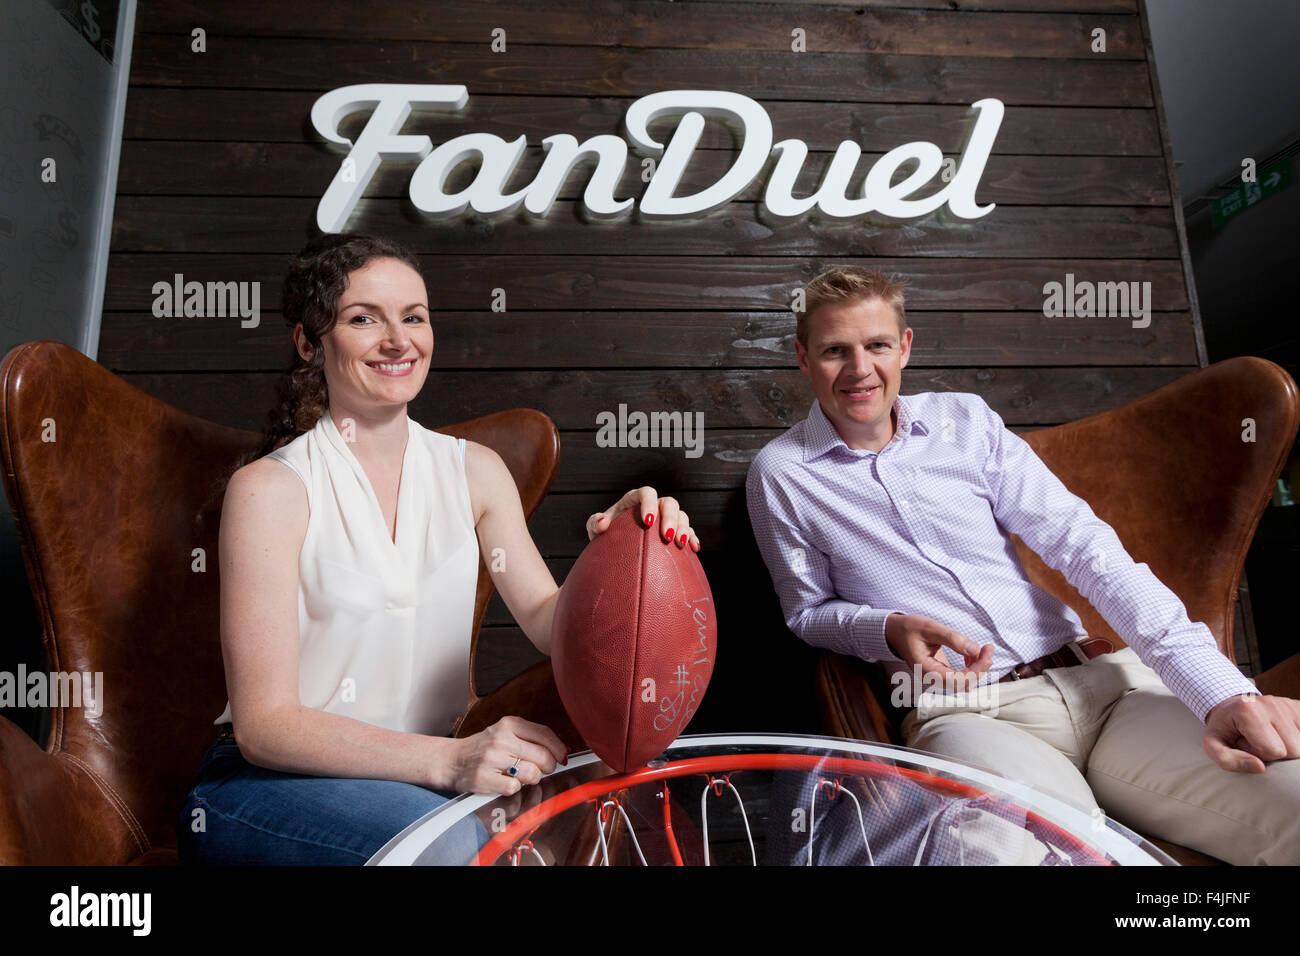 Nigel (destra) e Lesley Eccles. Co-fondatori di online fantasy piattaforma sportiva, FanDuel. Edimburgo, Scozia. Immagini Stock